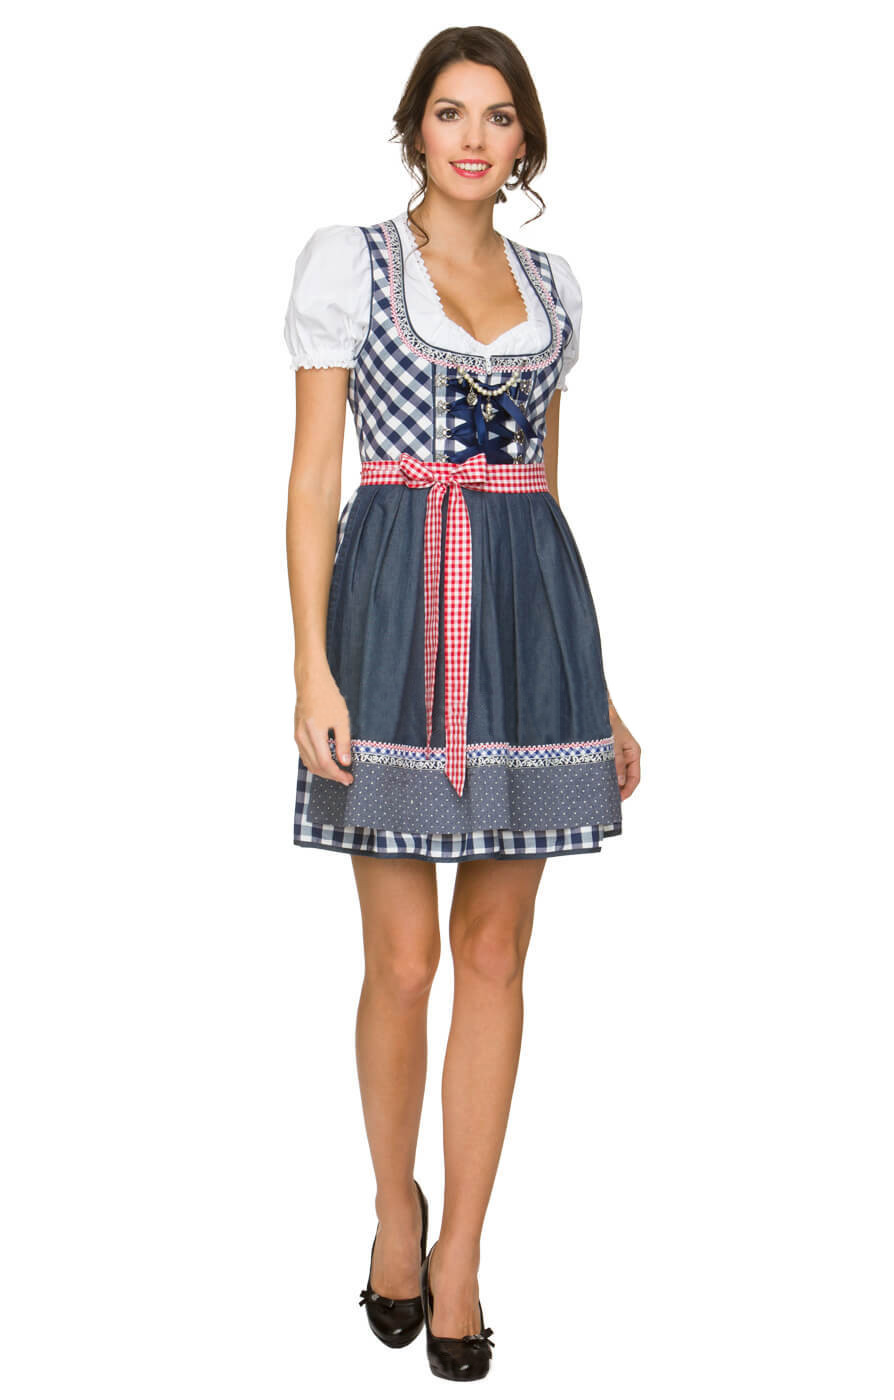 Gemütlich Neues Kleid Für Partei Ideen - Hochzeit Kleid Stile Ideen ...